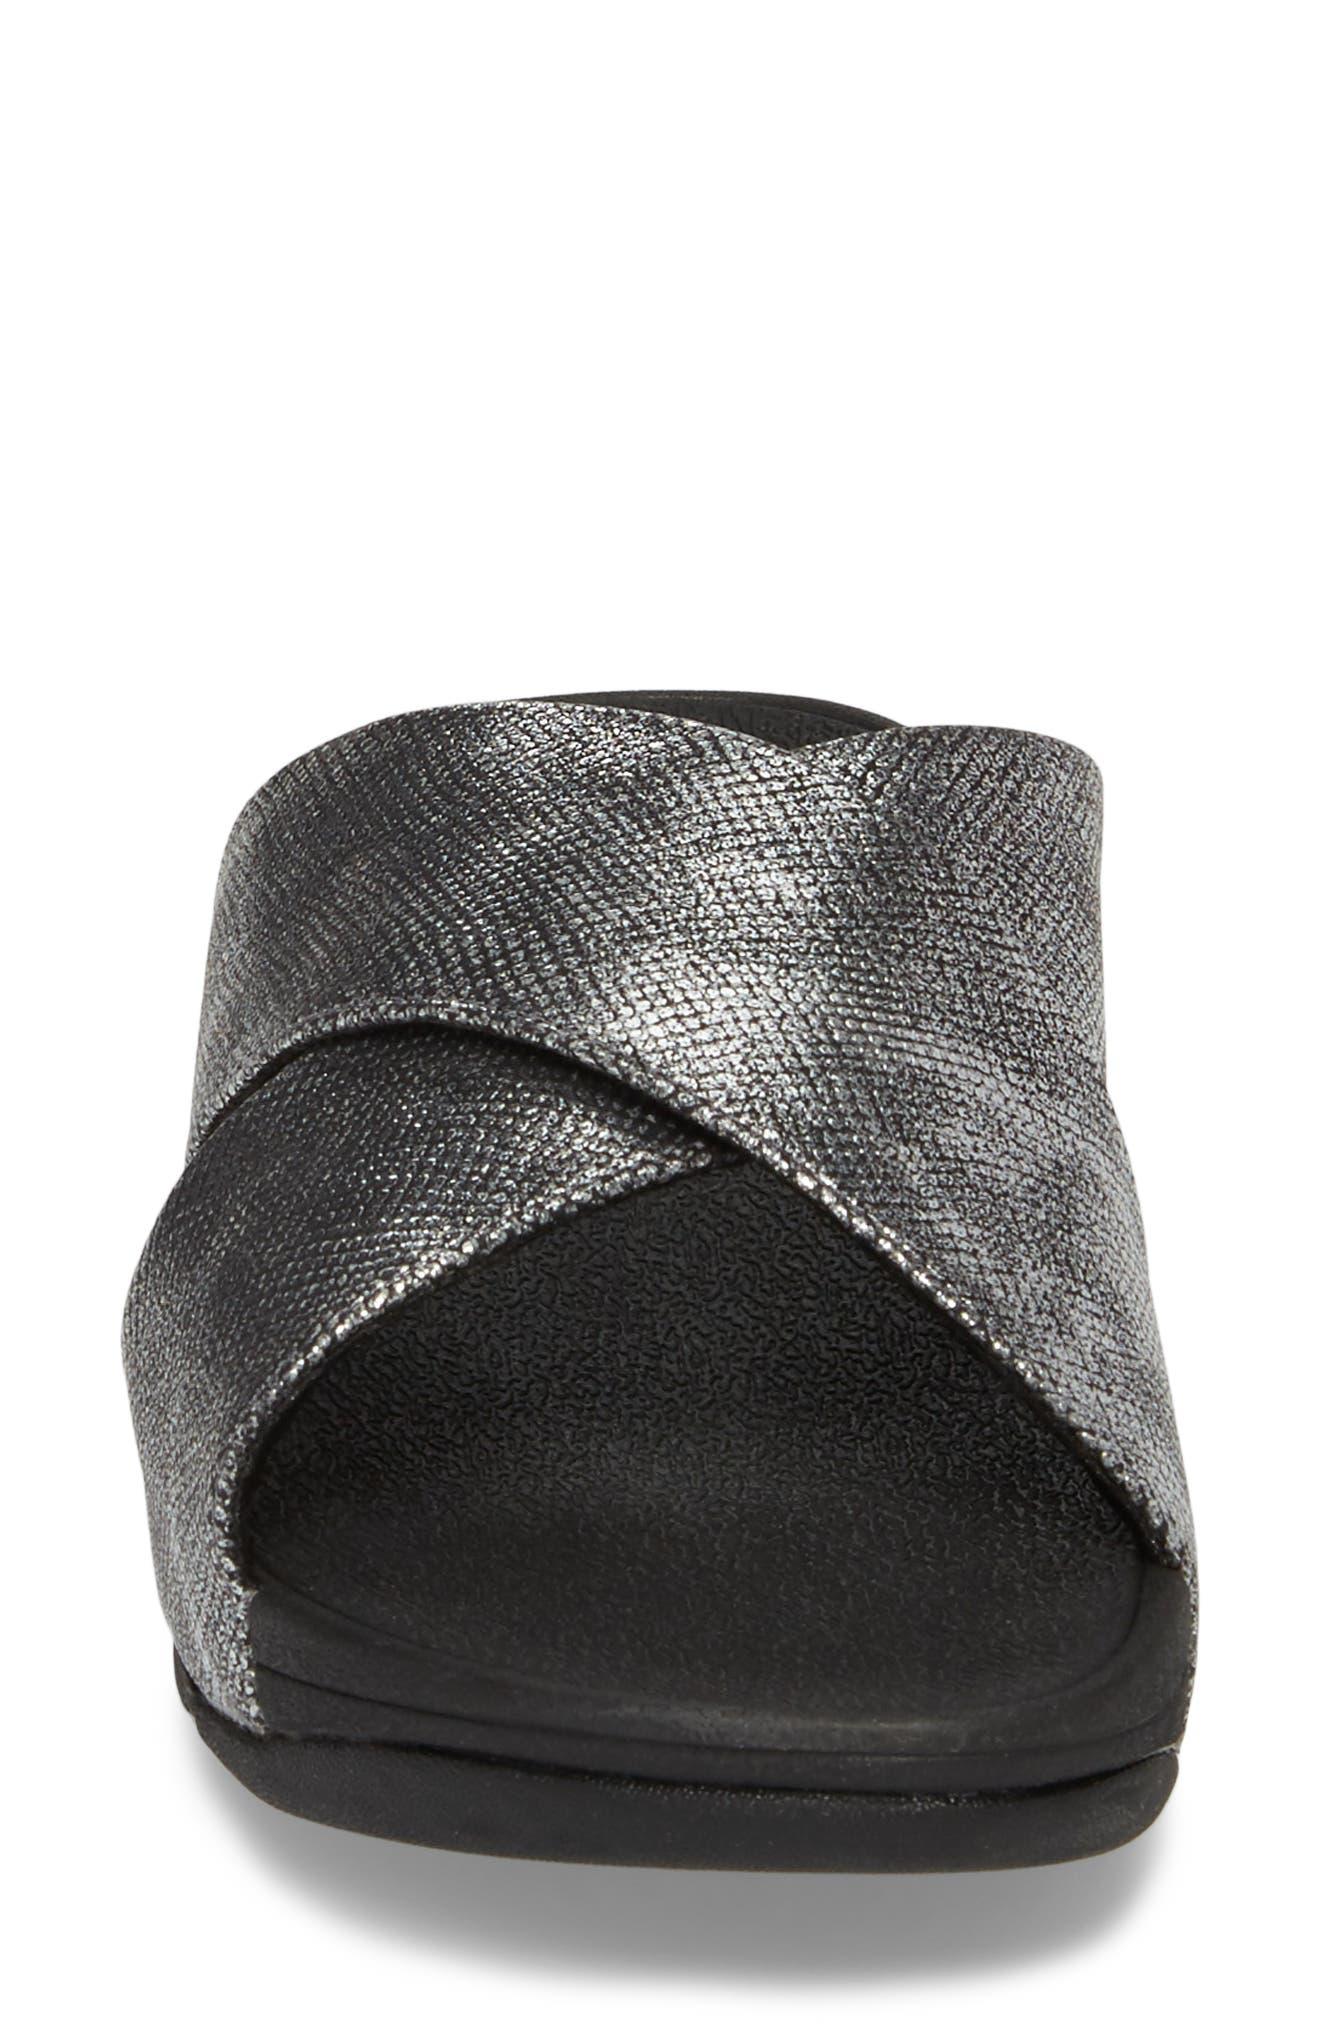 Alternate Image 4  - FitFlop Lulu Cross Slide Sandal (Women)